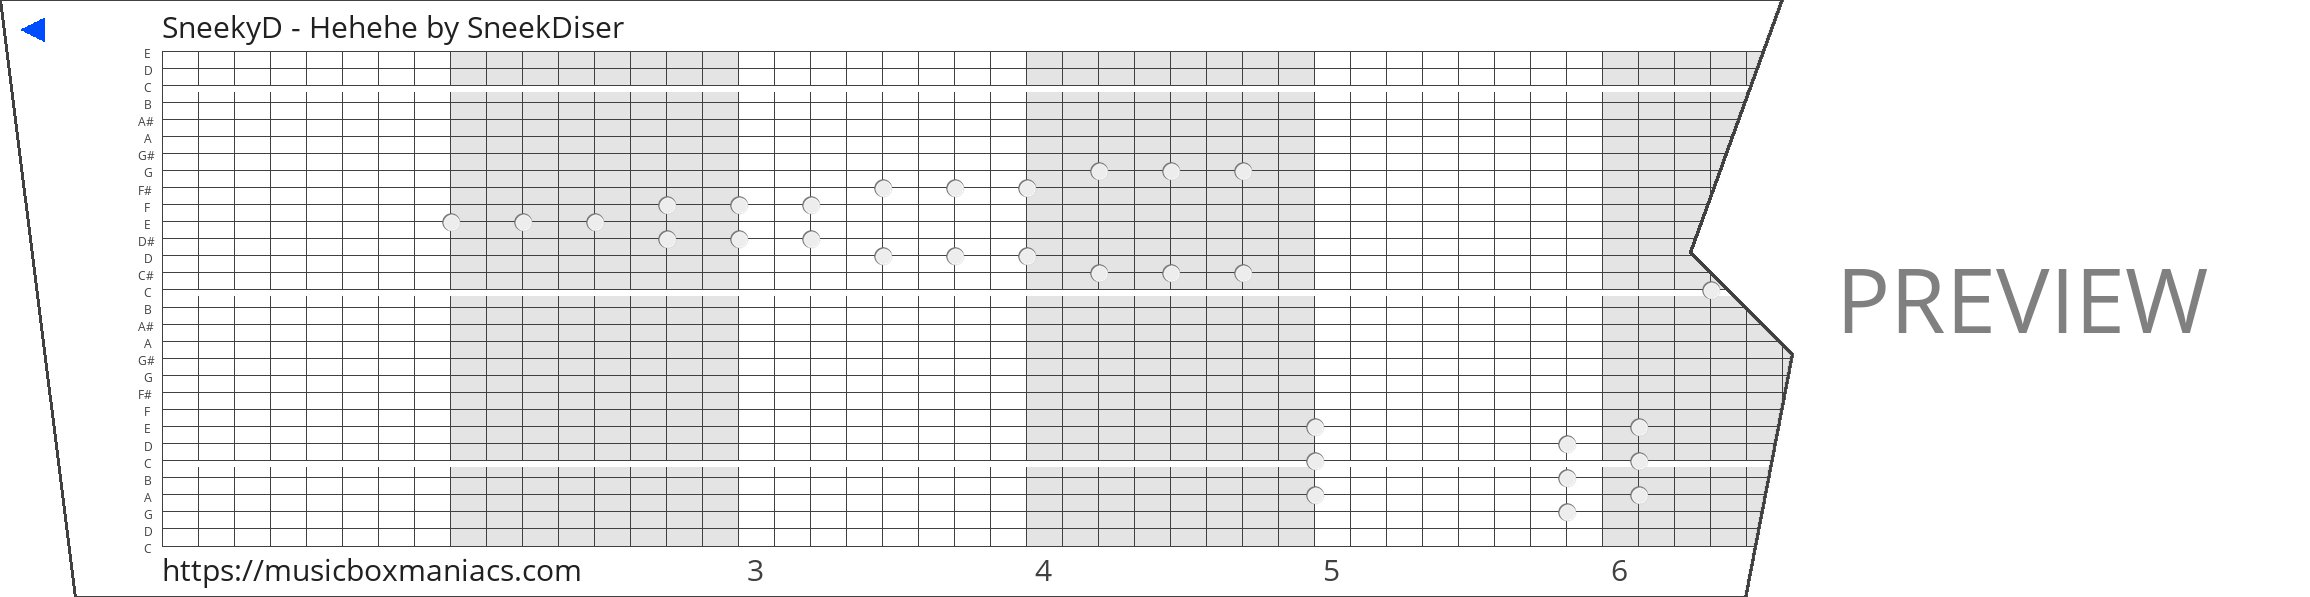 SneekyD - Hehehe 30 note music box paper strip